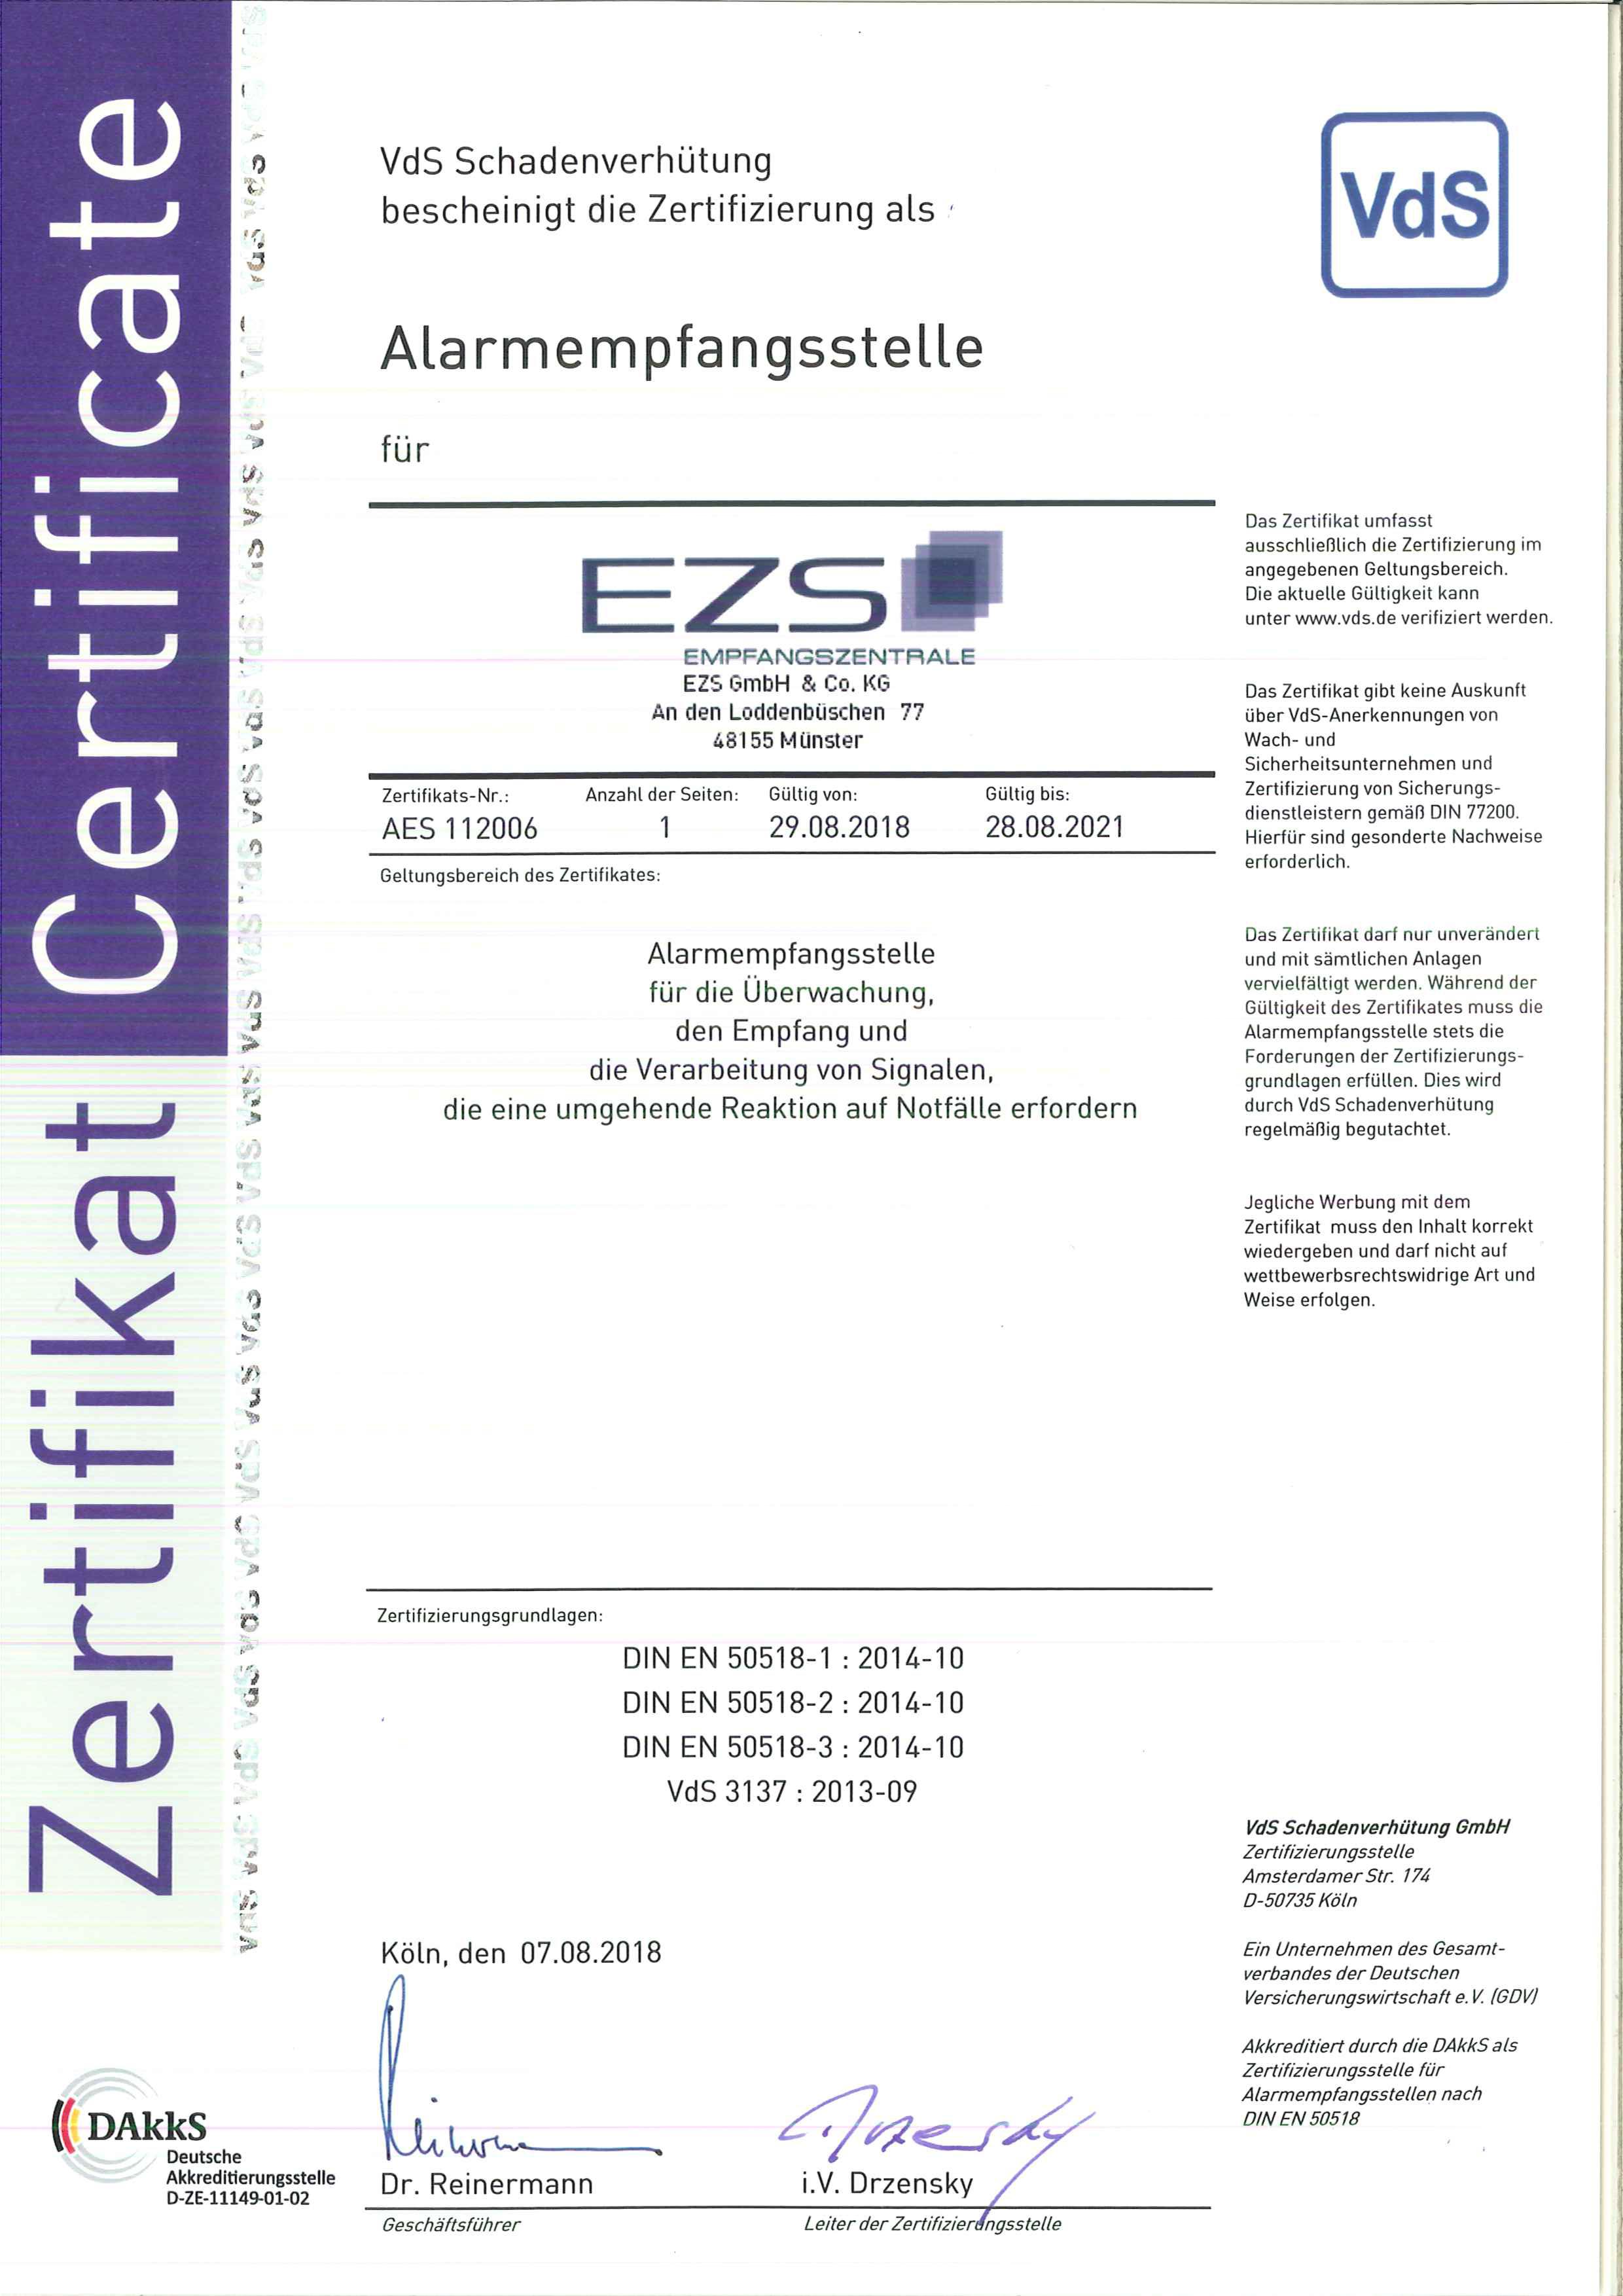 Alarmempfangsstelle (AES) gem. DIN EN 50518-Serie